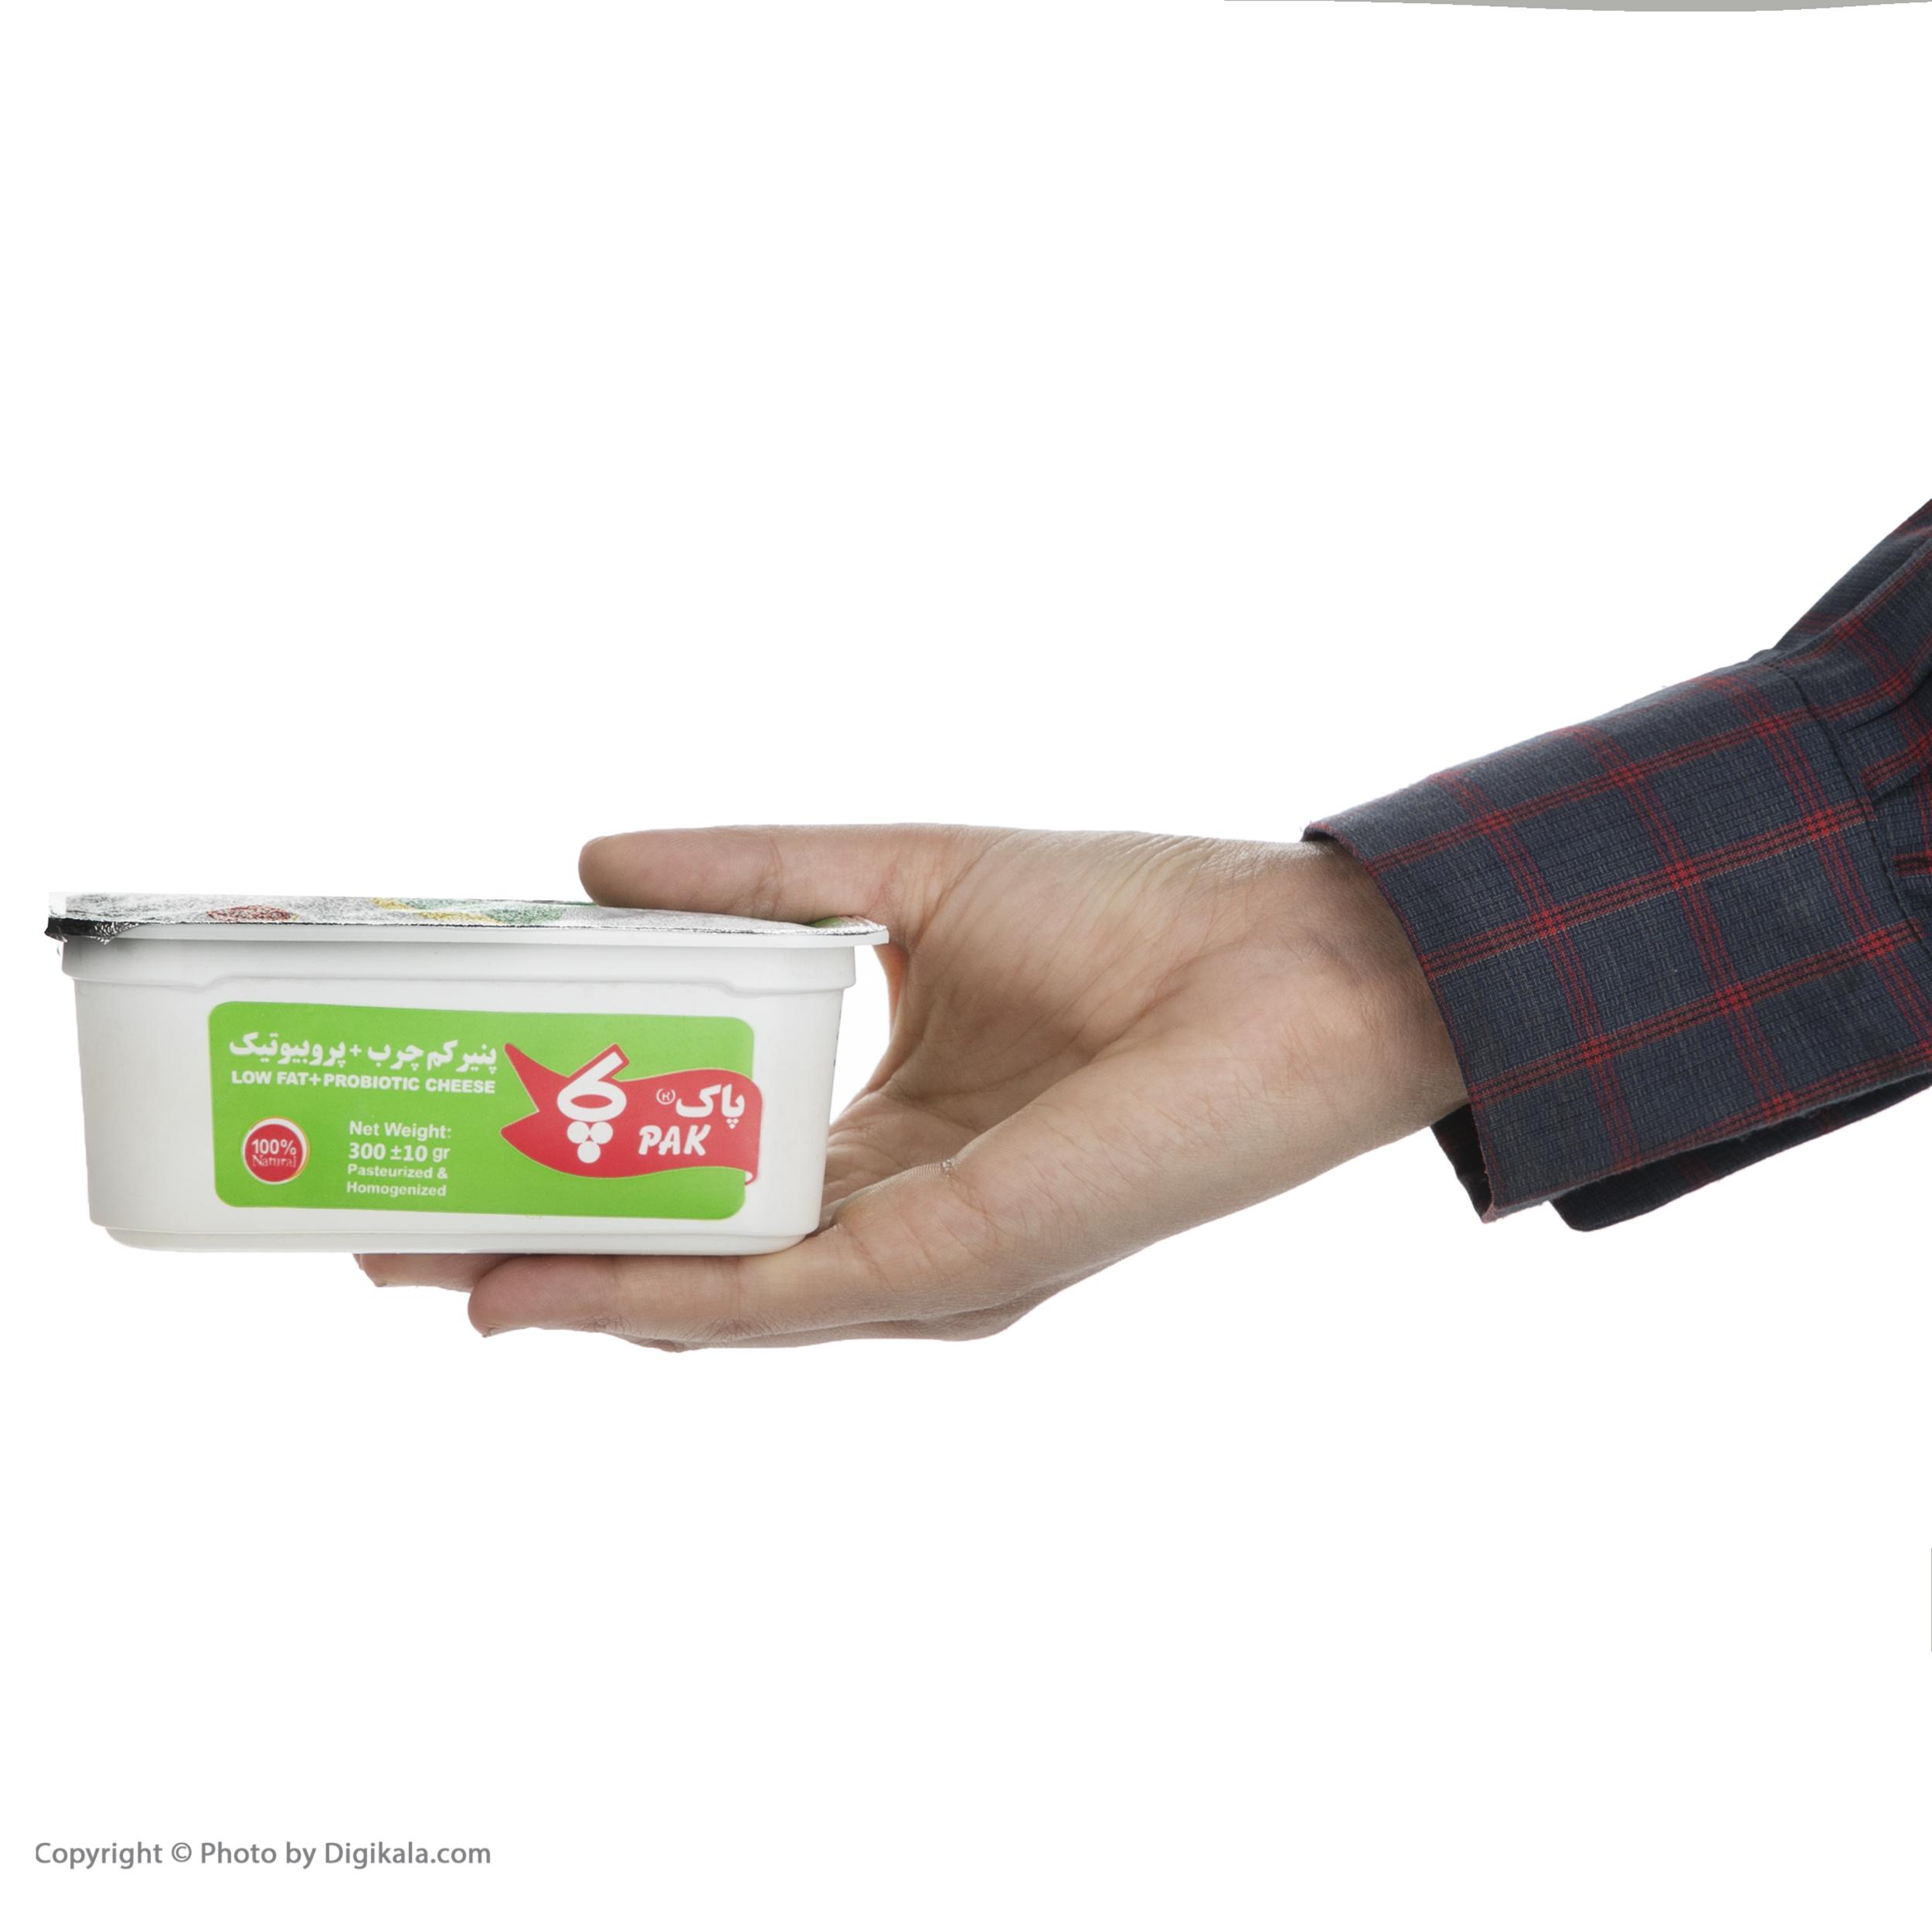 پنیر کم چرب پروبیوتیک پاک - 300 گرم  main 1 3